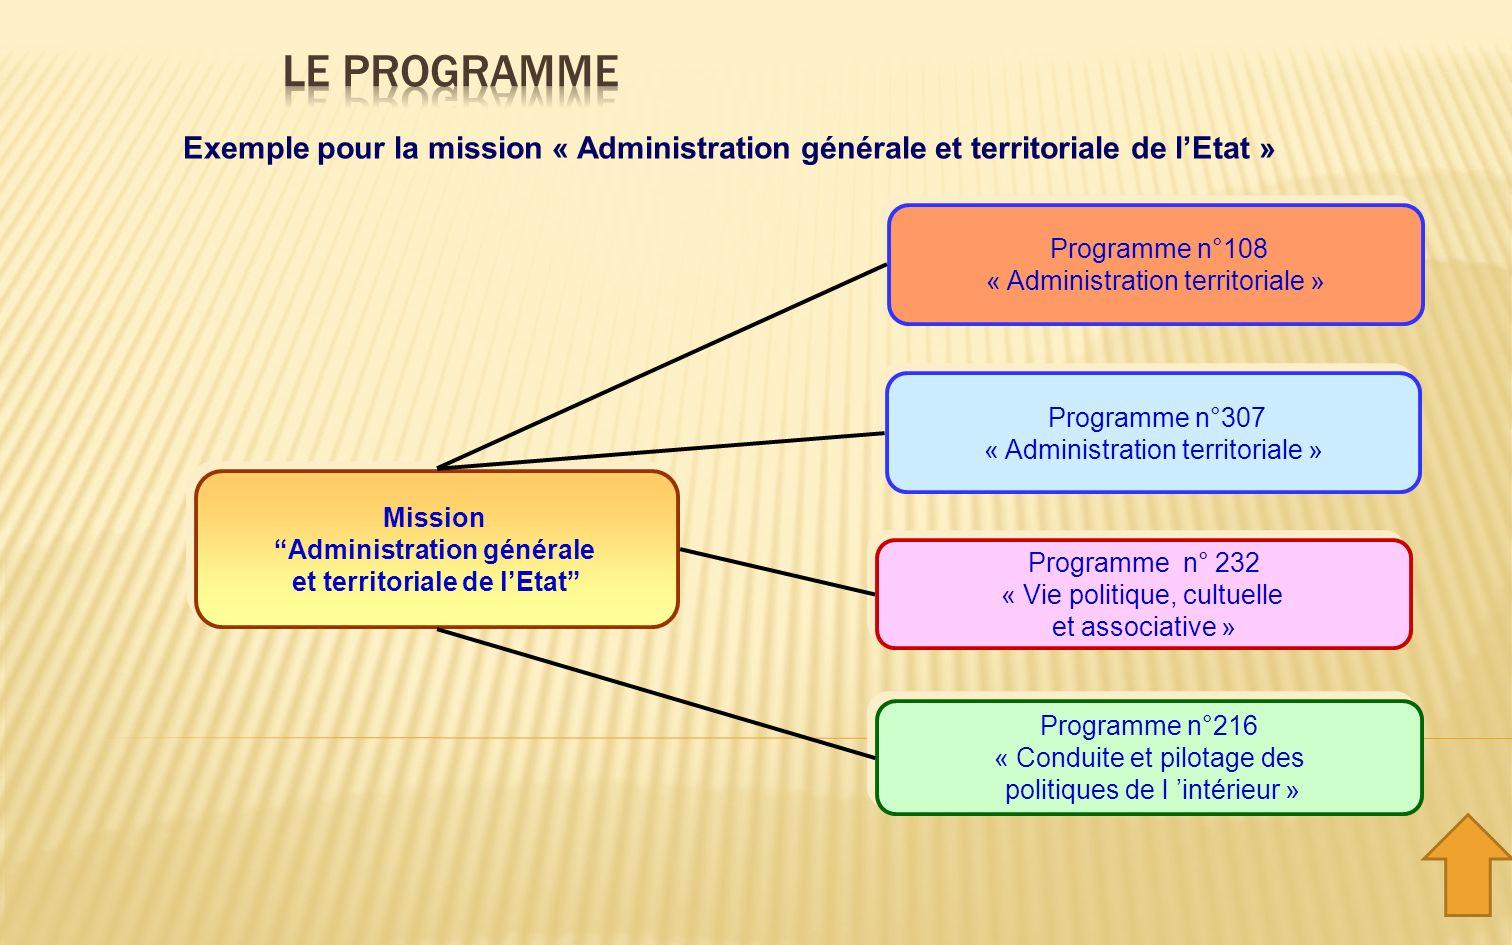 Administration générale et territoriale de l'Etat